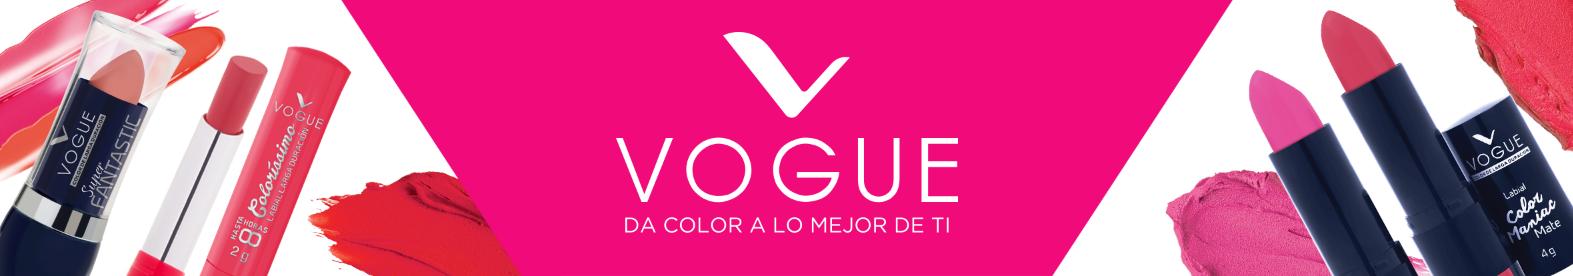 Banner Vogue